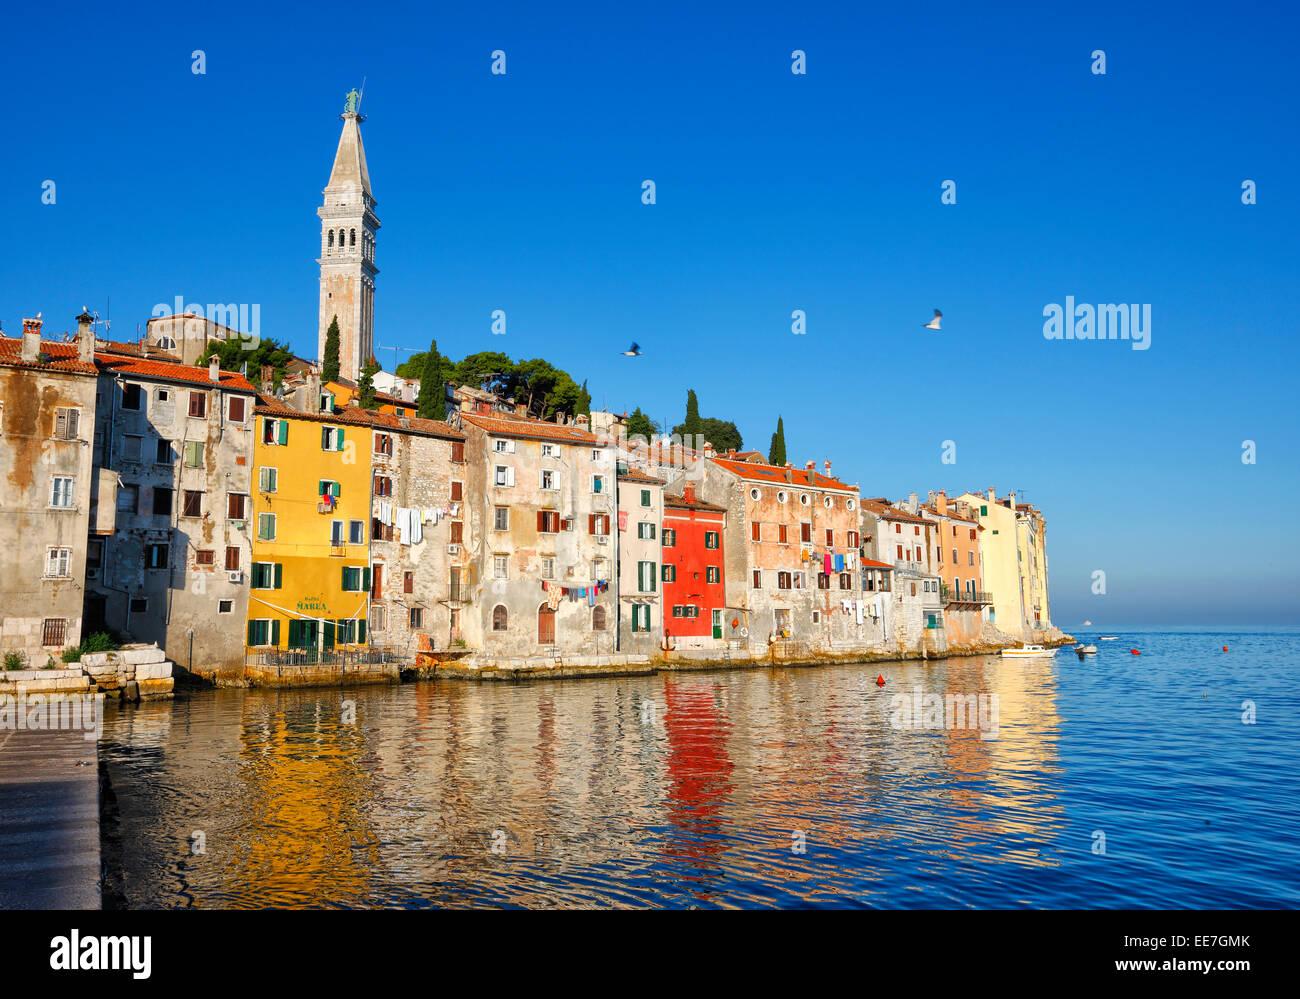 Rovigno città vecchia in Istria, Croazia. Immagini Stock